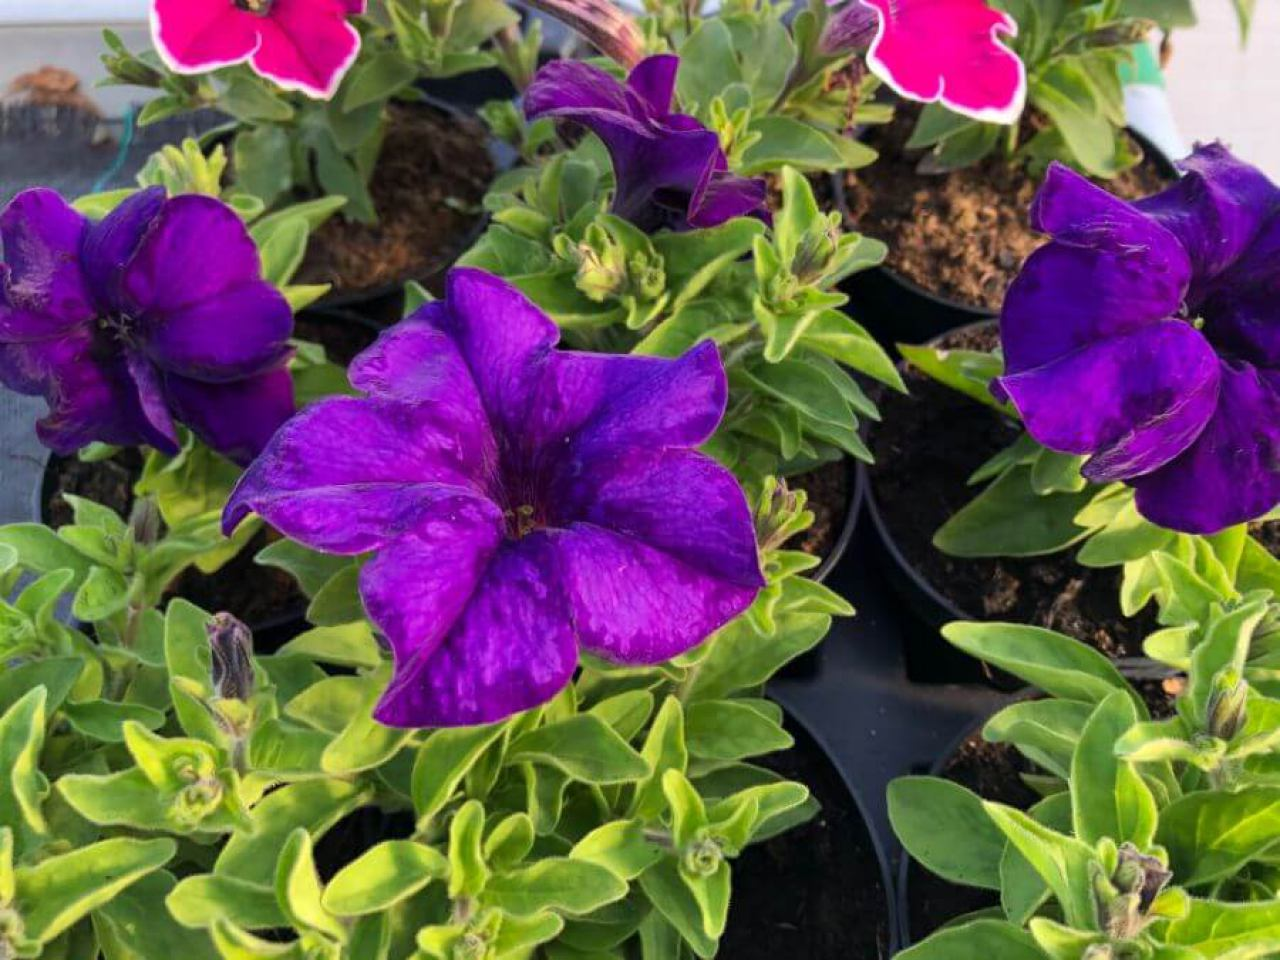 flora-commerce-9131037413.jpg